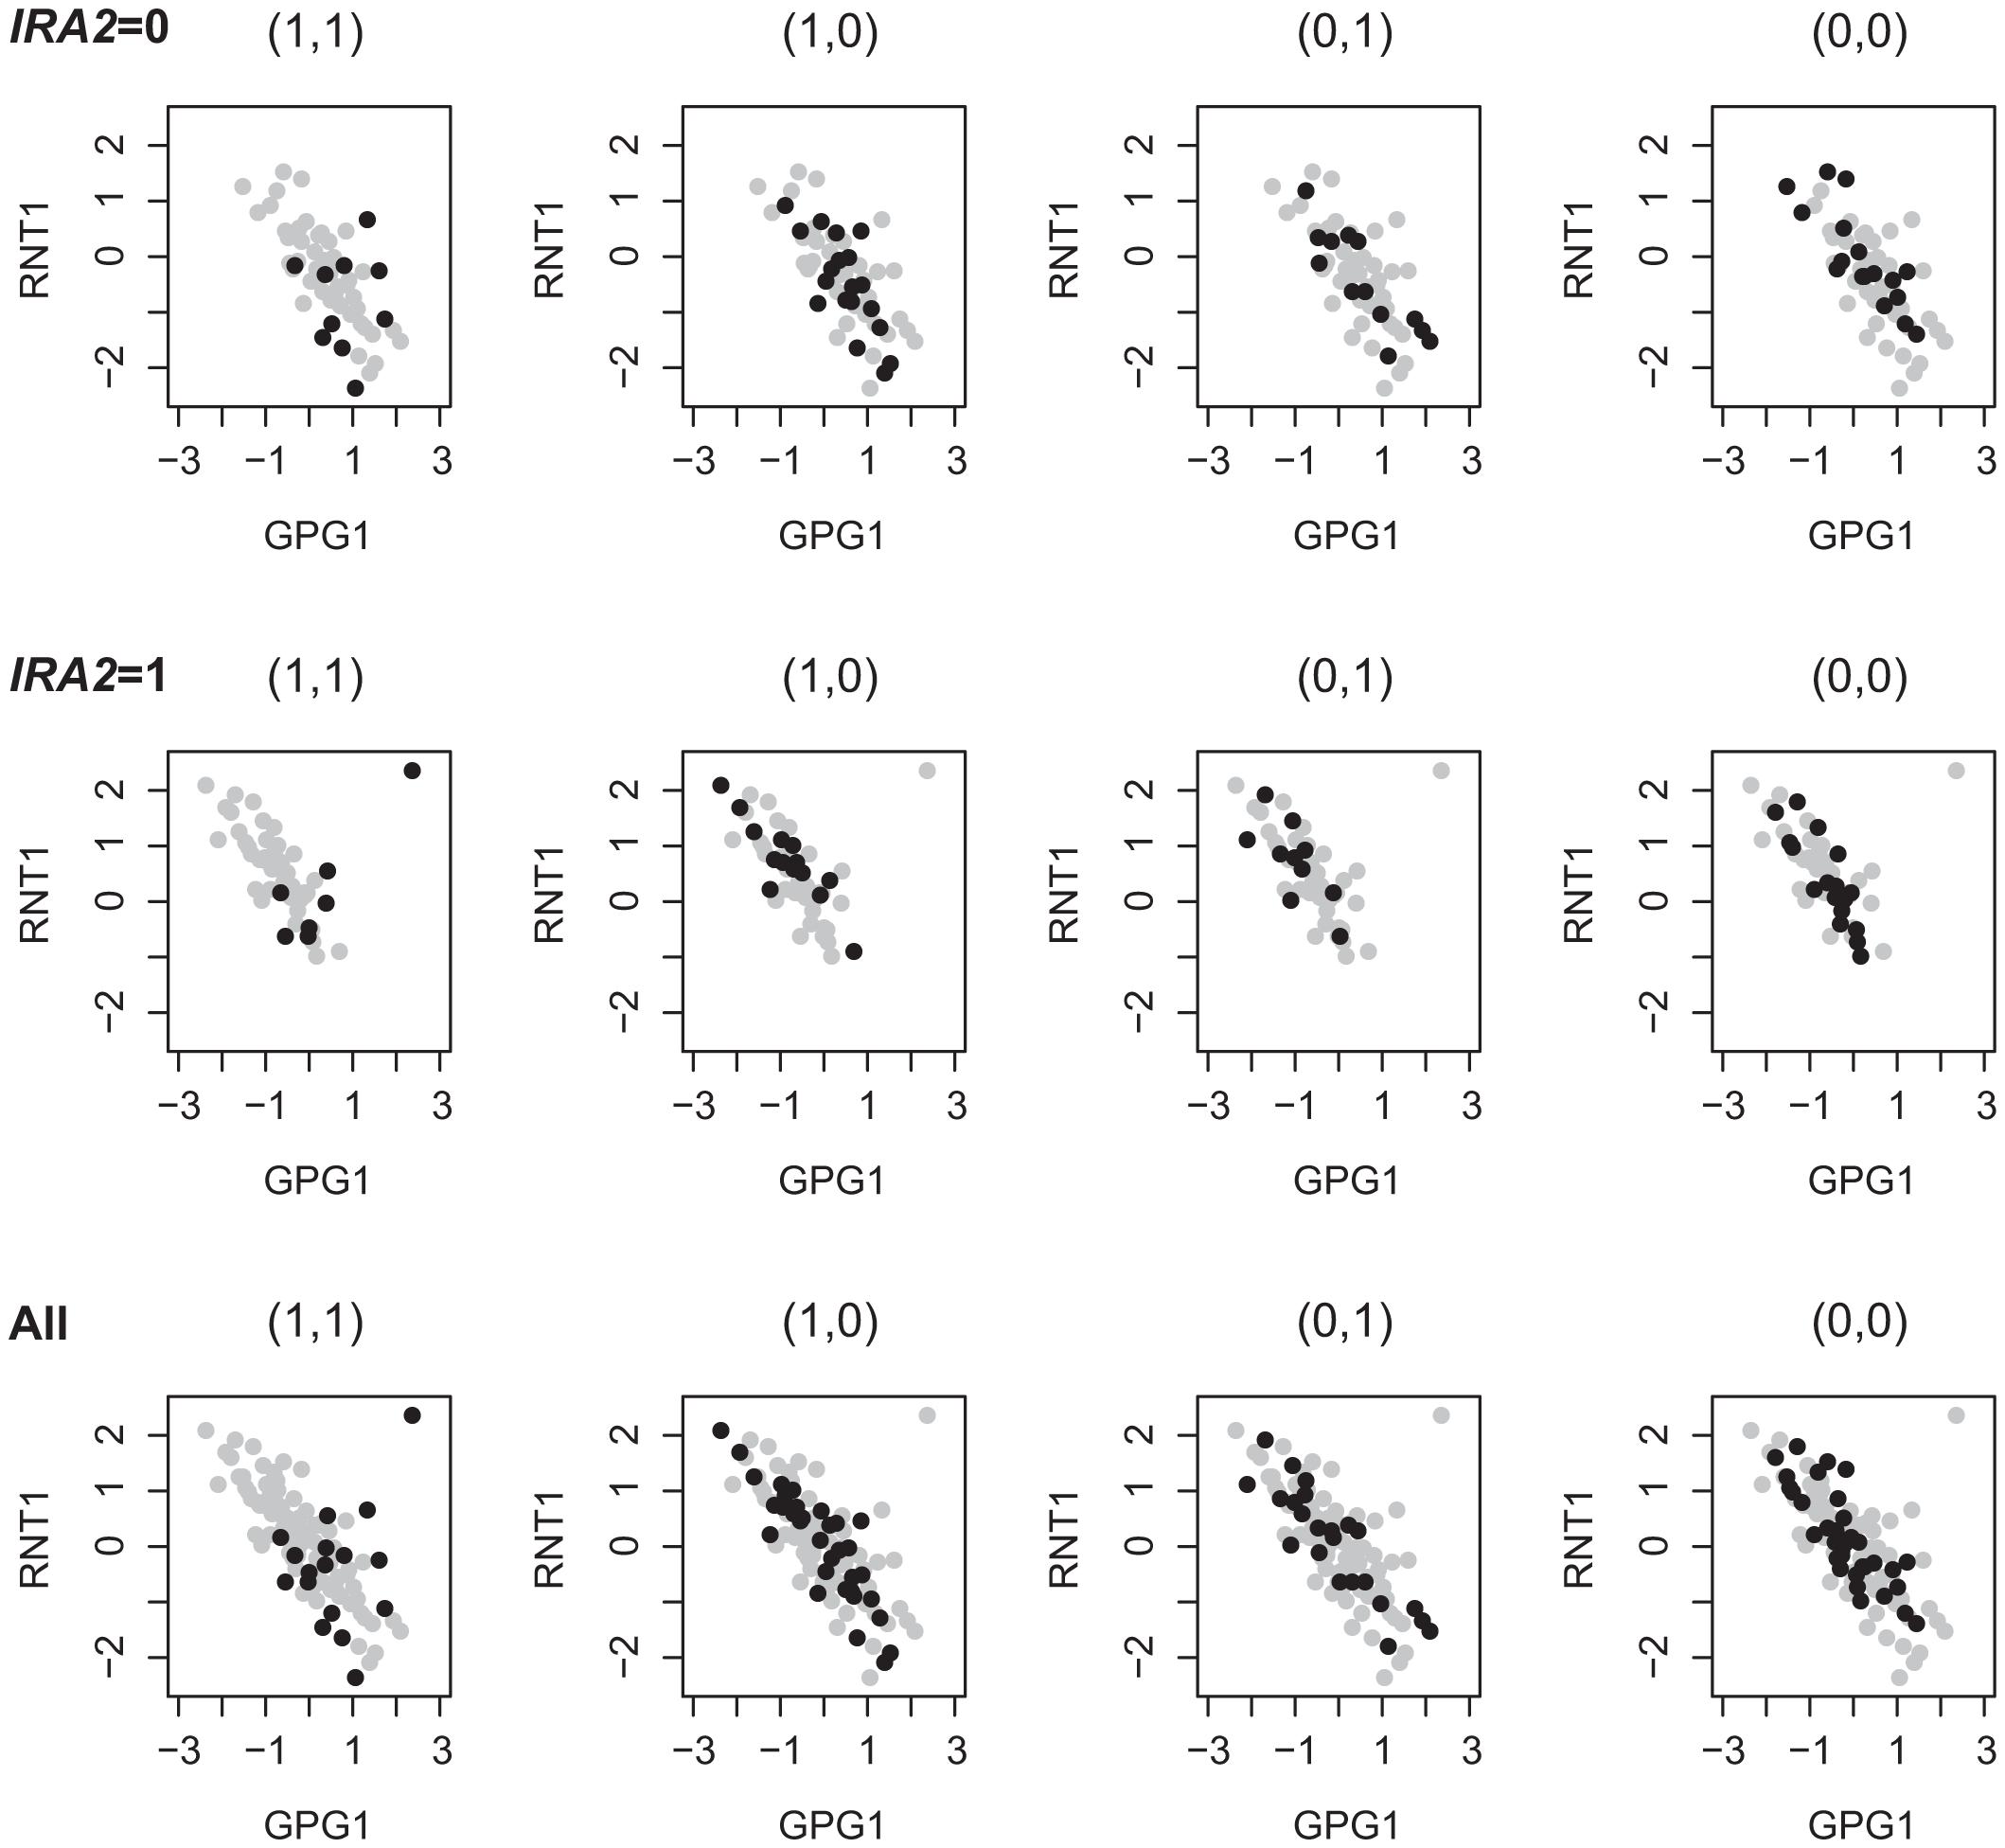 1D-trait and 2D-trait reflect different genetic regulations.